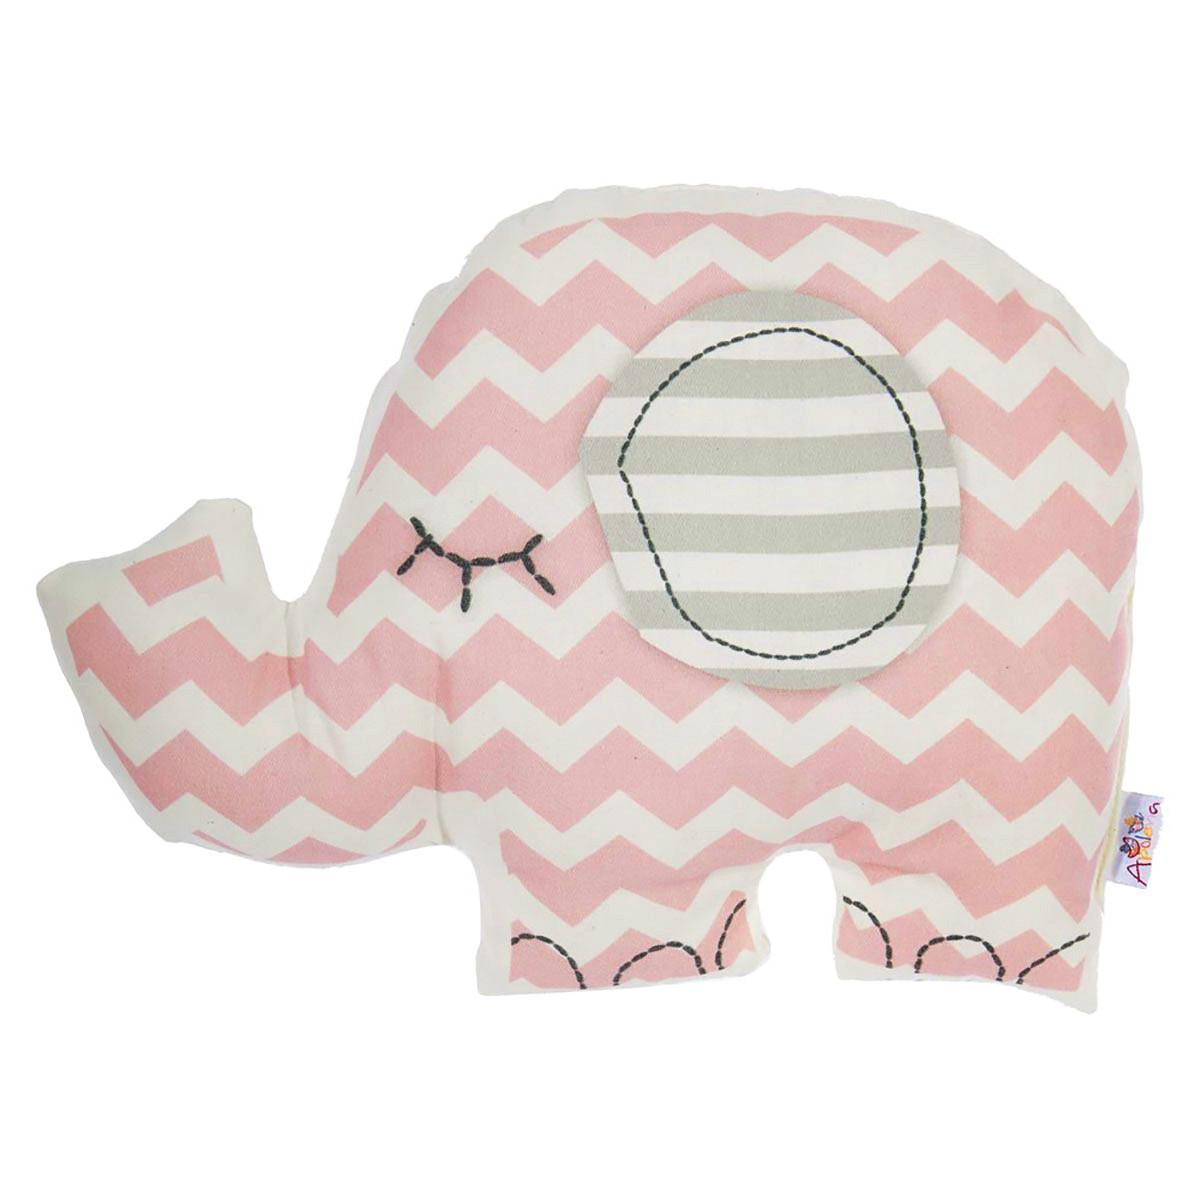 Διακοσμητικό Μαξιλάρι Apolena Ελέφαντας Ροζ